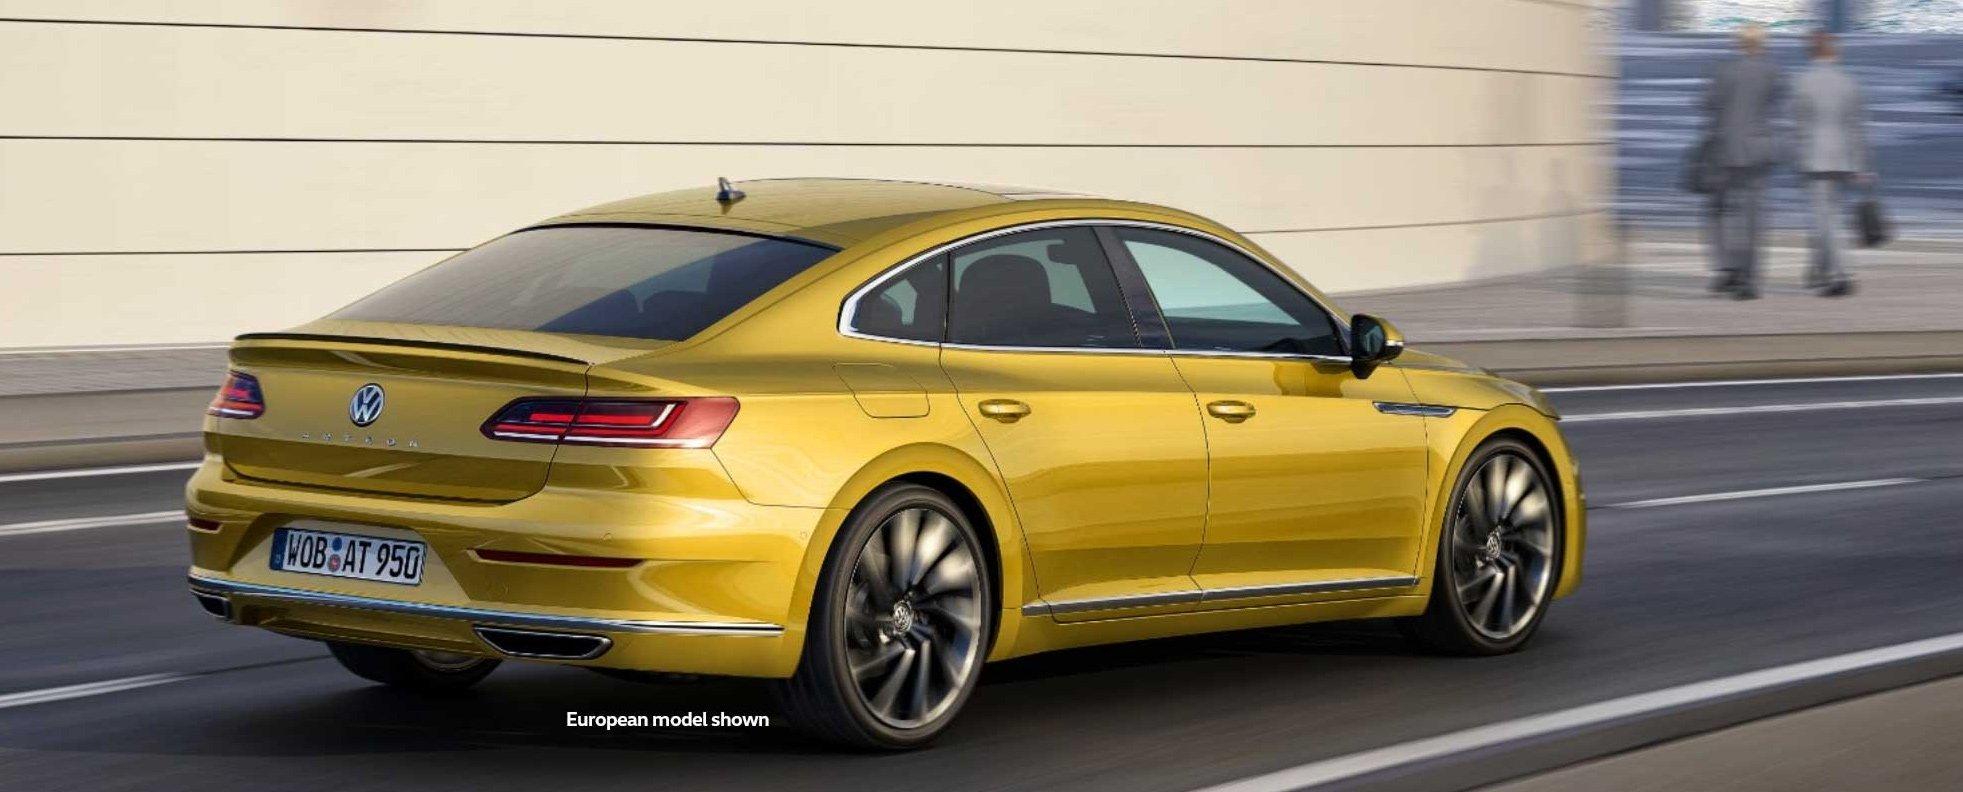 An Early Look at the 2018 Volkswagen Arteon Volkswagen